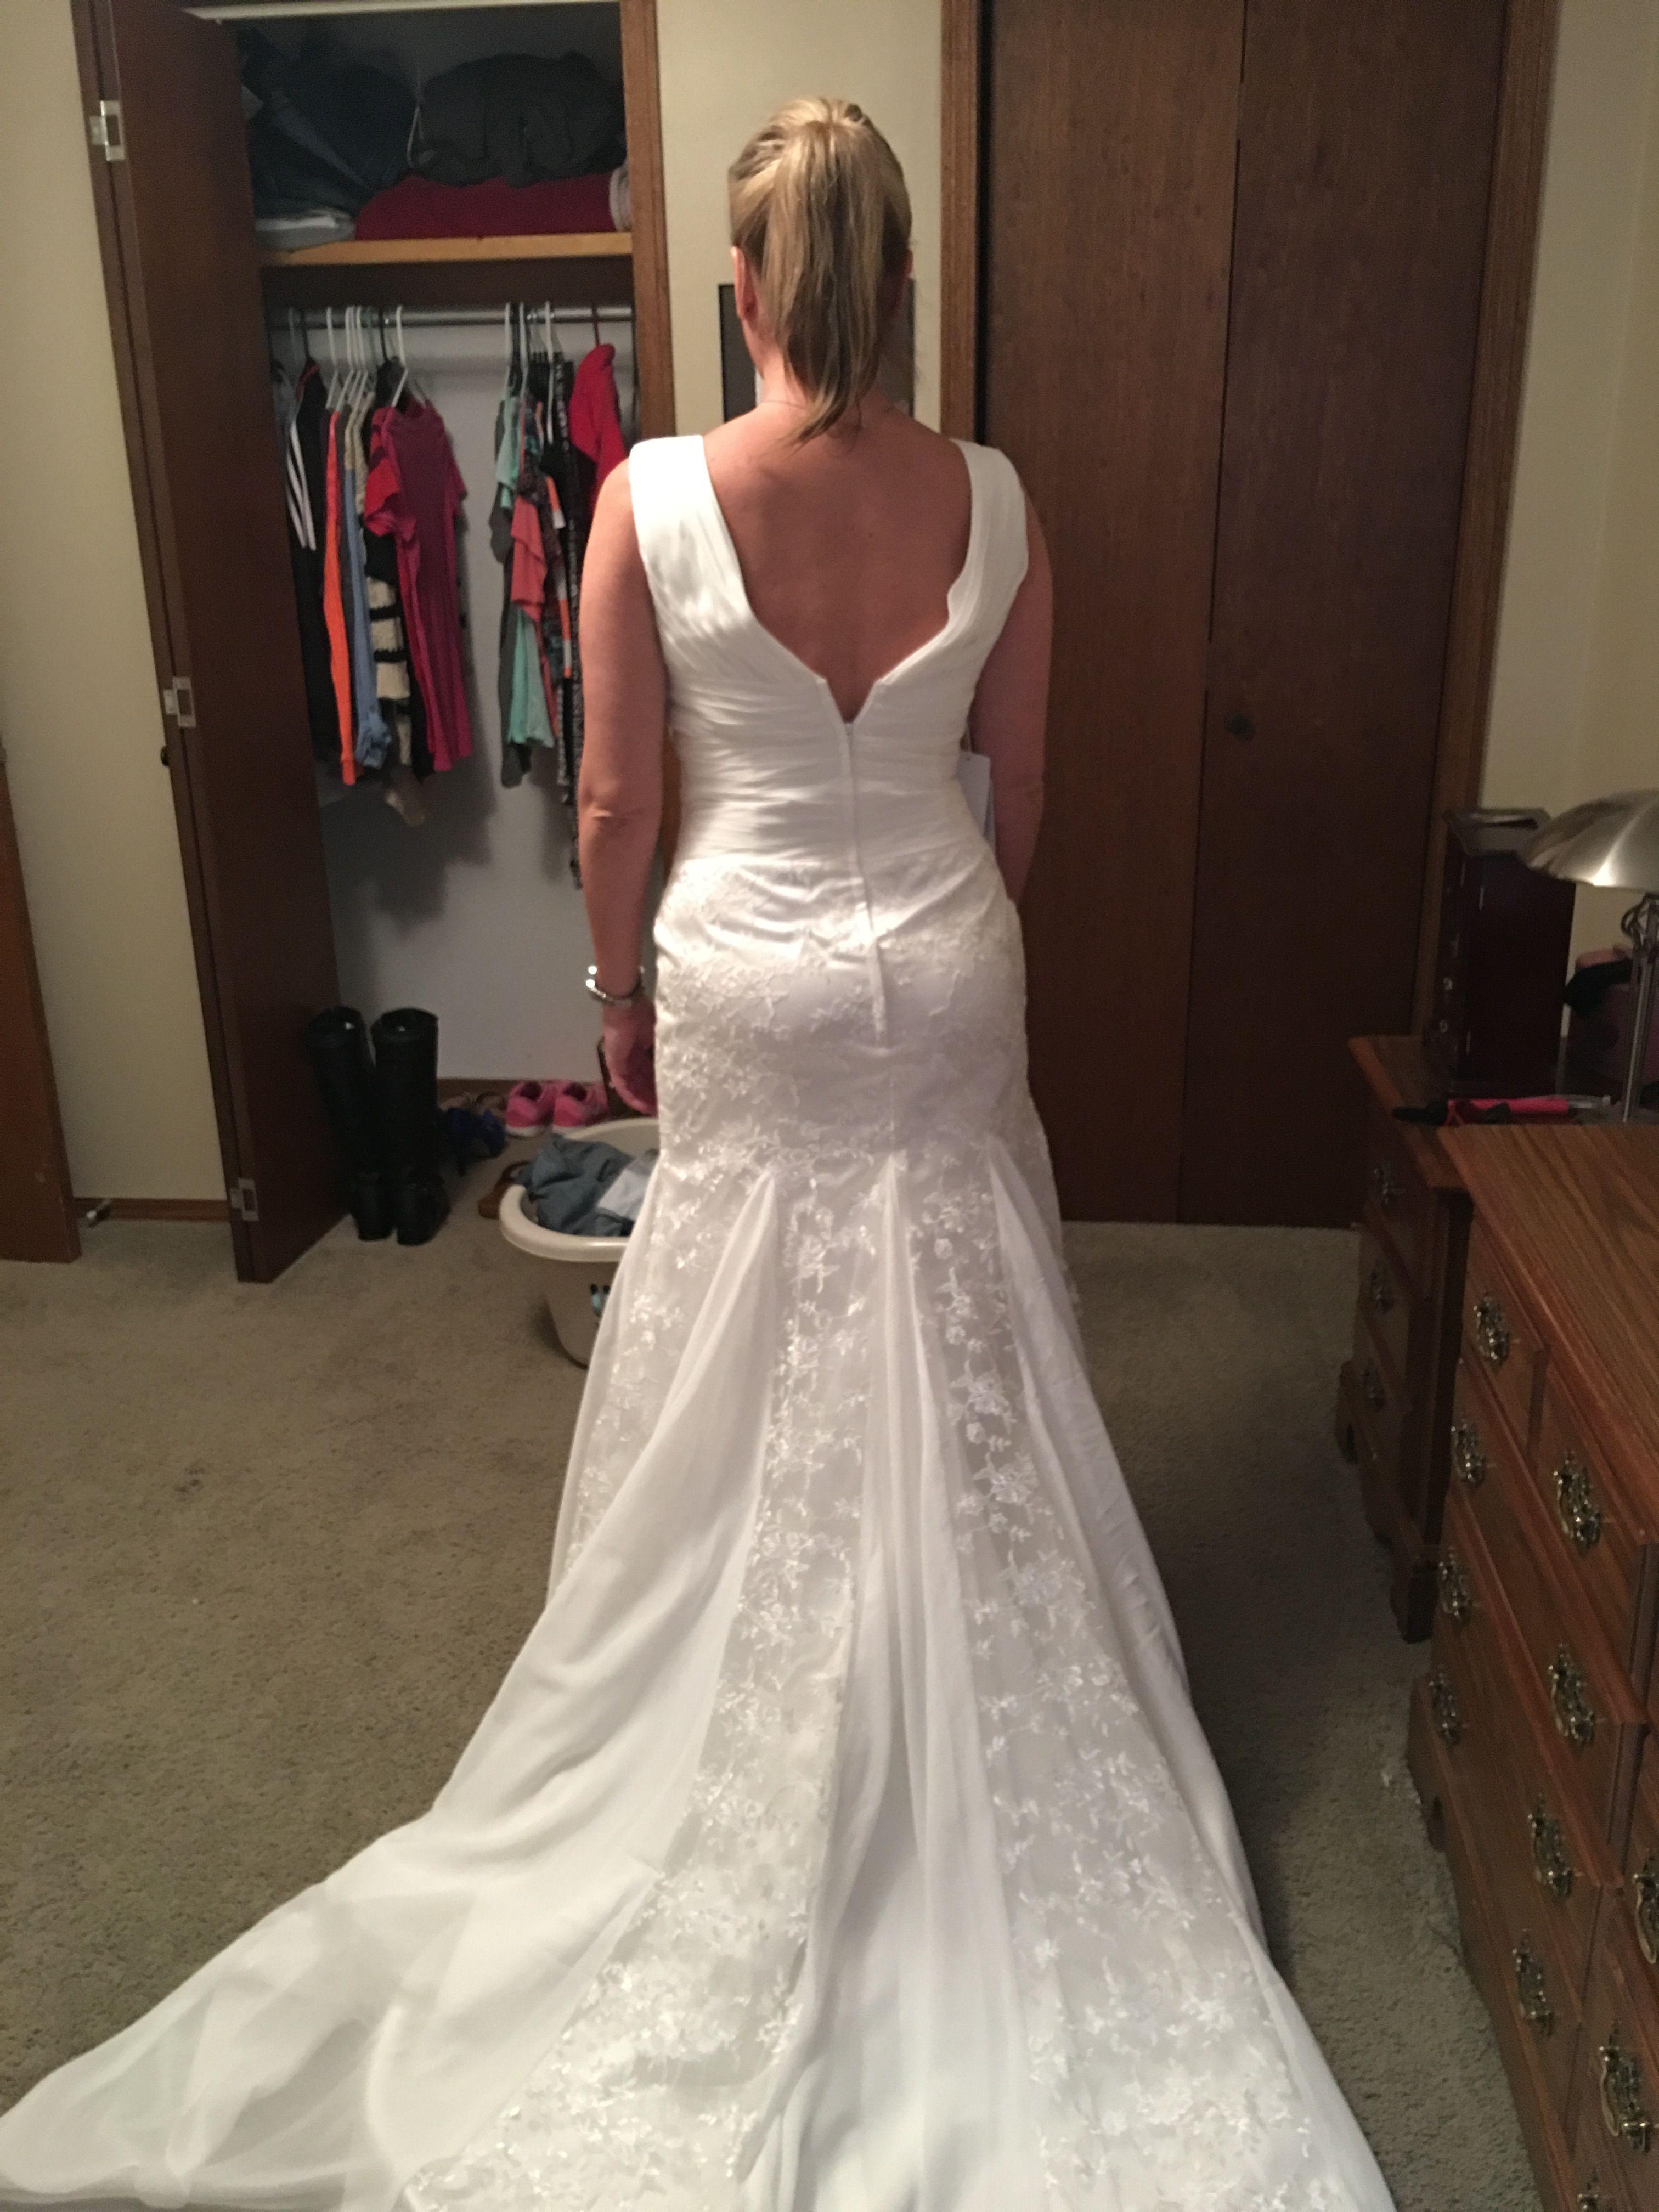 Trumpet Mermaid V Neck Court Train Chiffon Lace Wedding Dress With Ruffle g jjshouse wedding dress pic1 jpeg pic2 jpeg